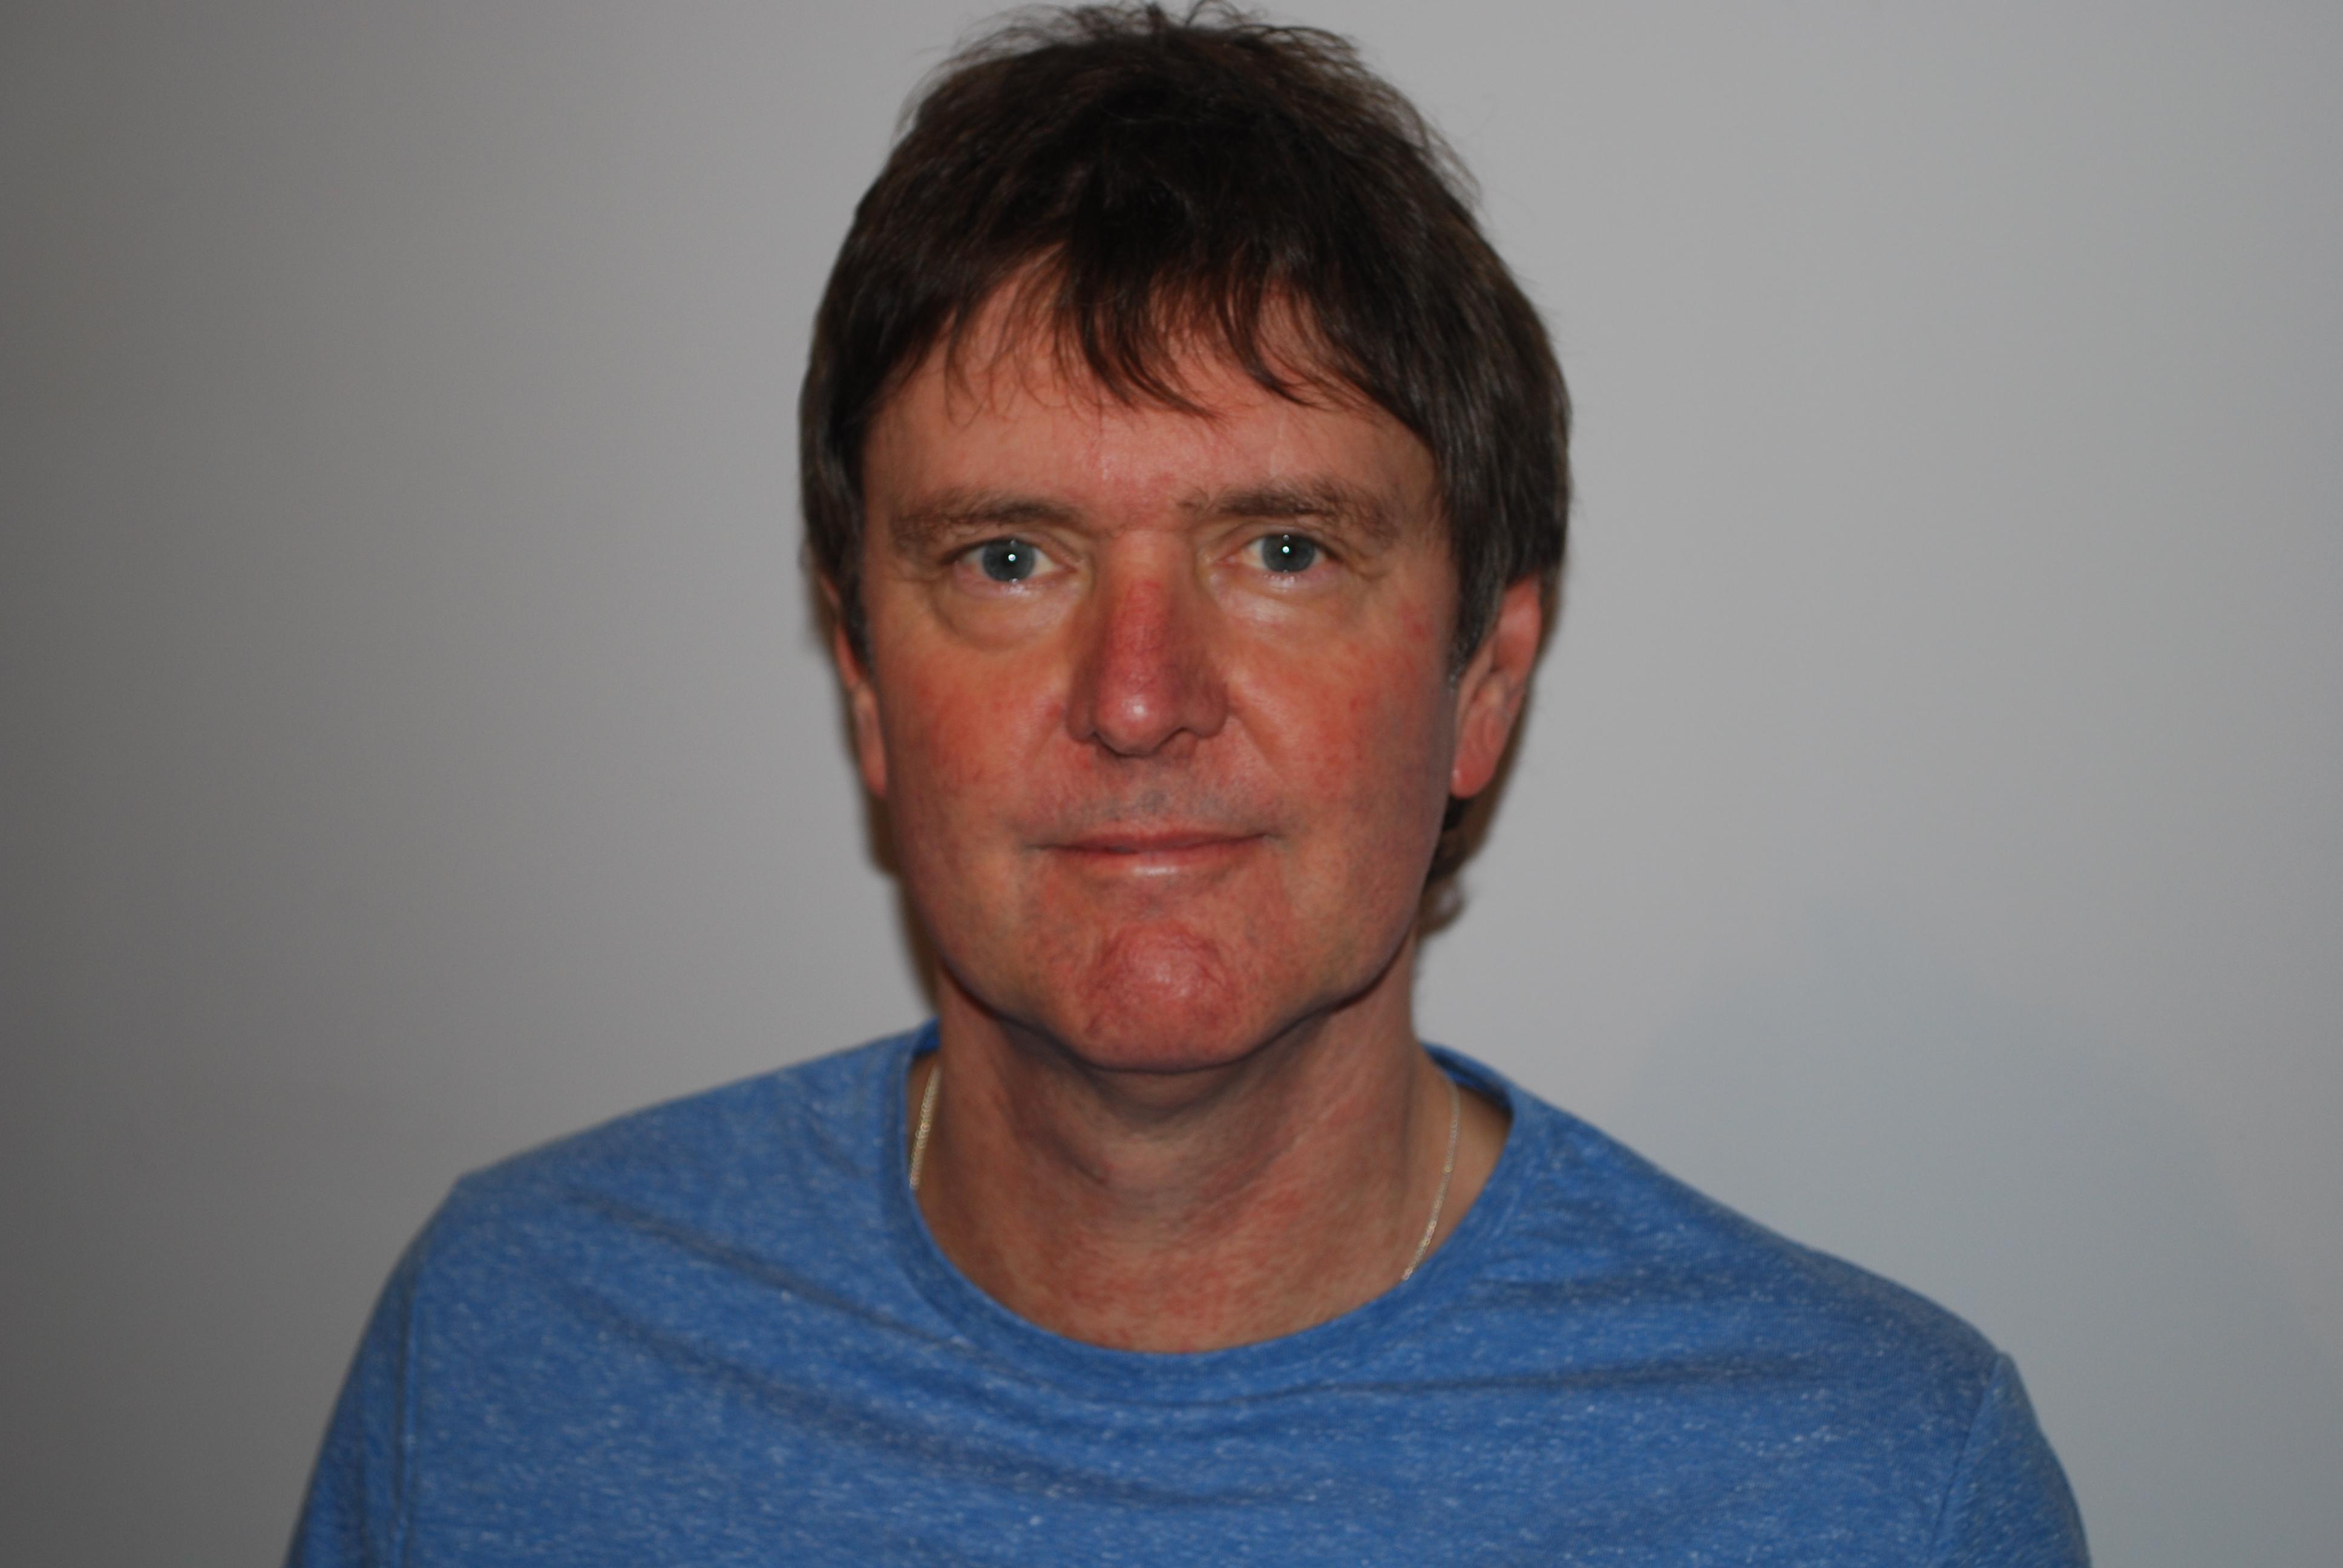 Mark L. Fowler